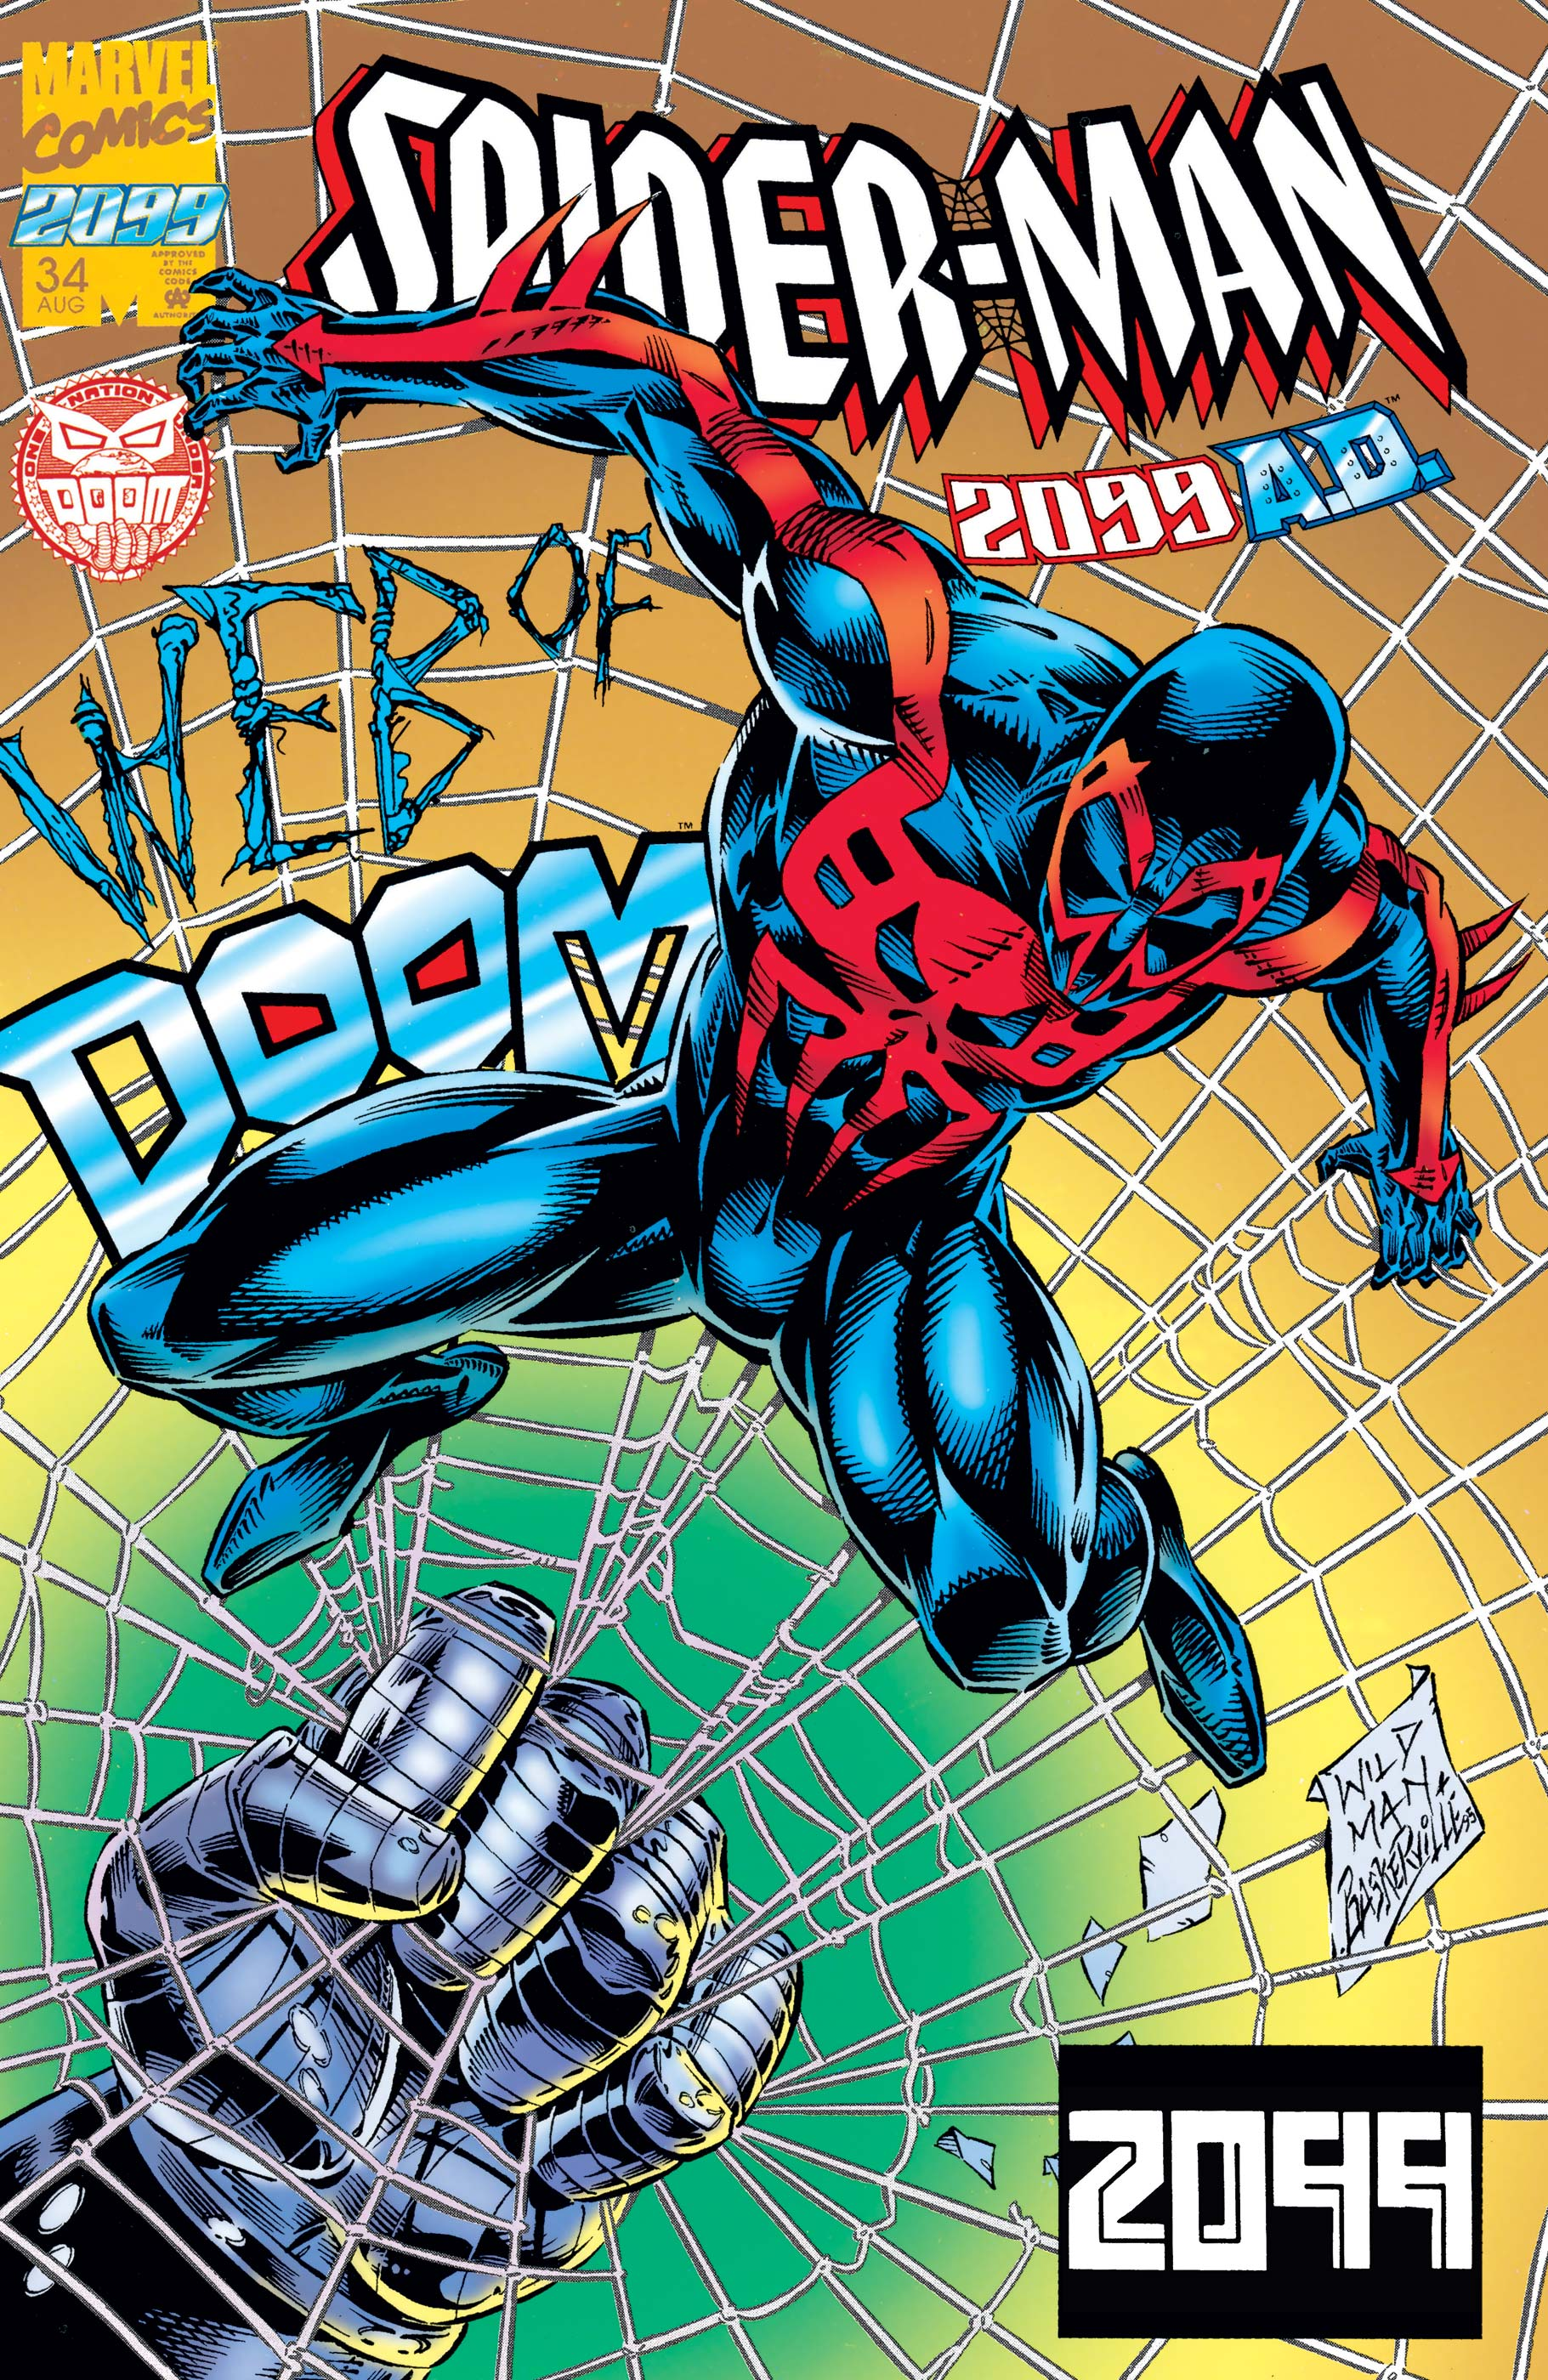 Spider-Man 2099 (1992) #34